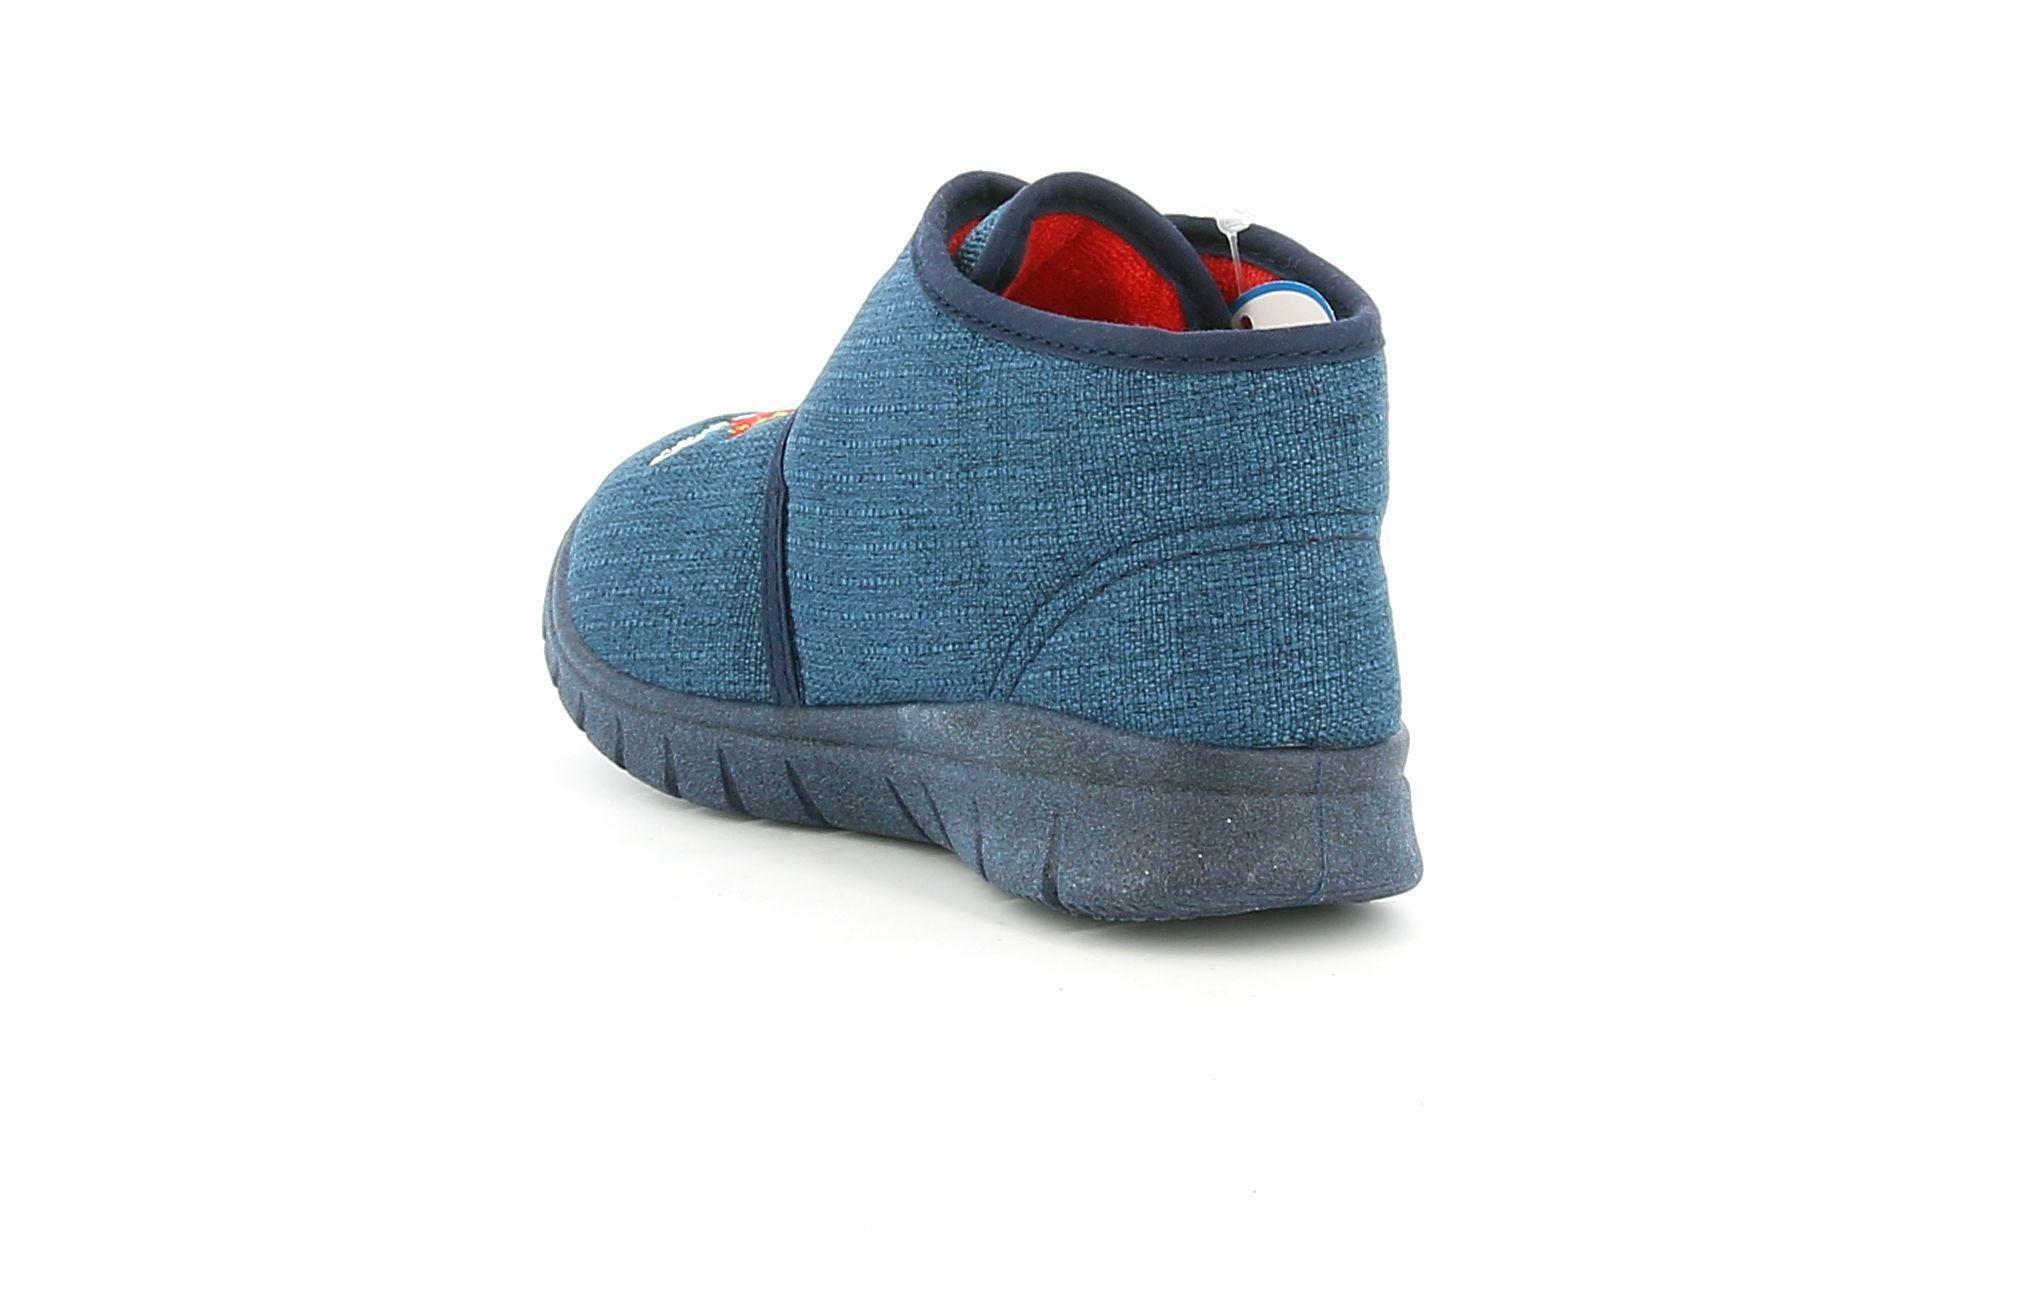 grunland grunland pantofole pa0607 48fitt blu pantofole bambino